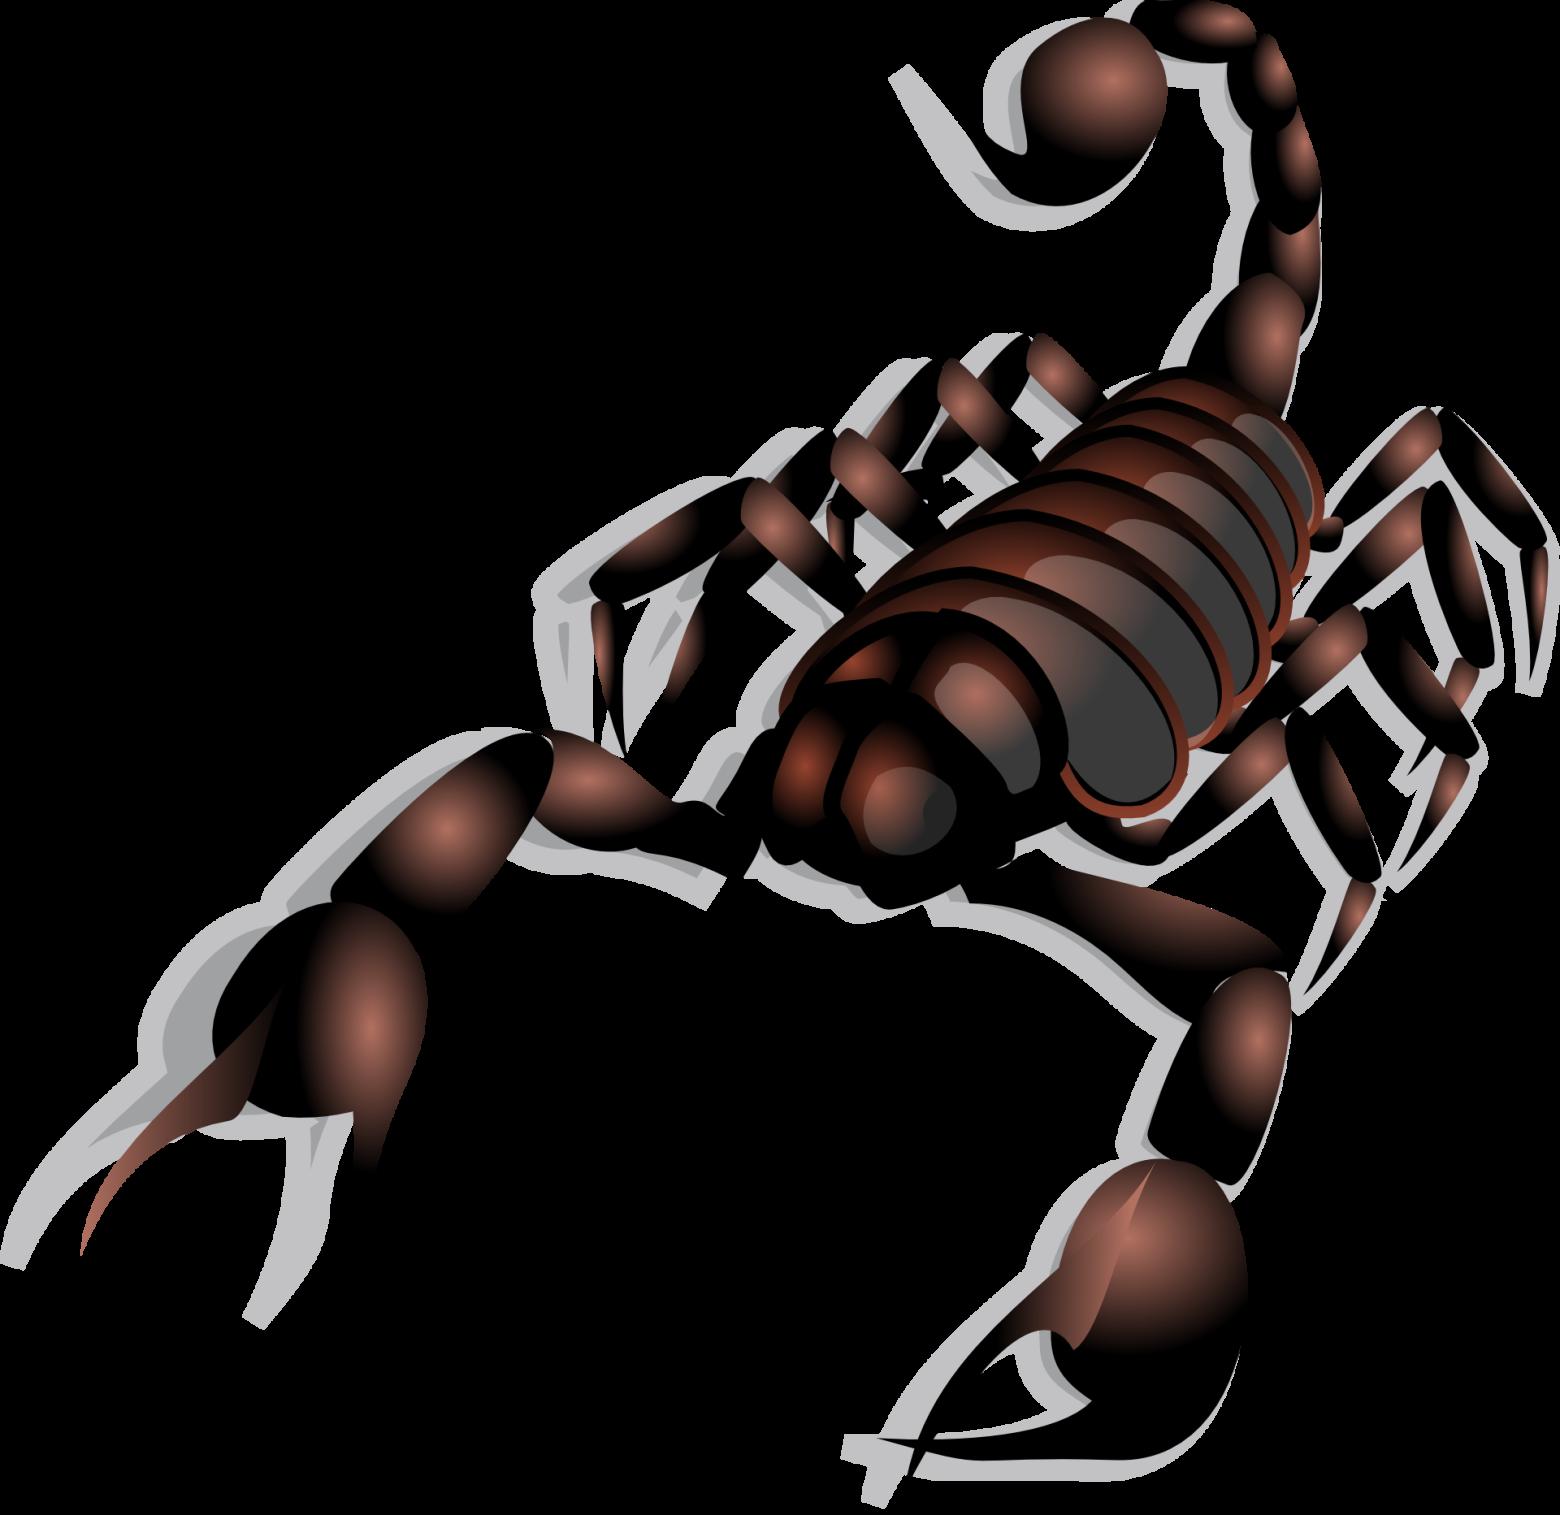 Banque Vectorielle images vectorielles gratuites et libres de droits le scorpion